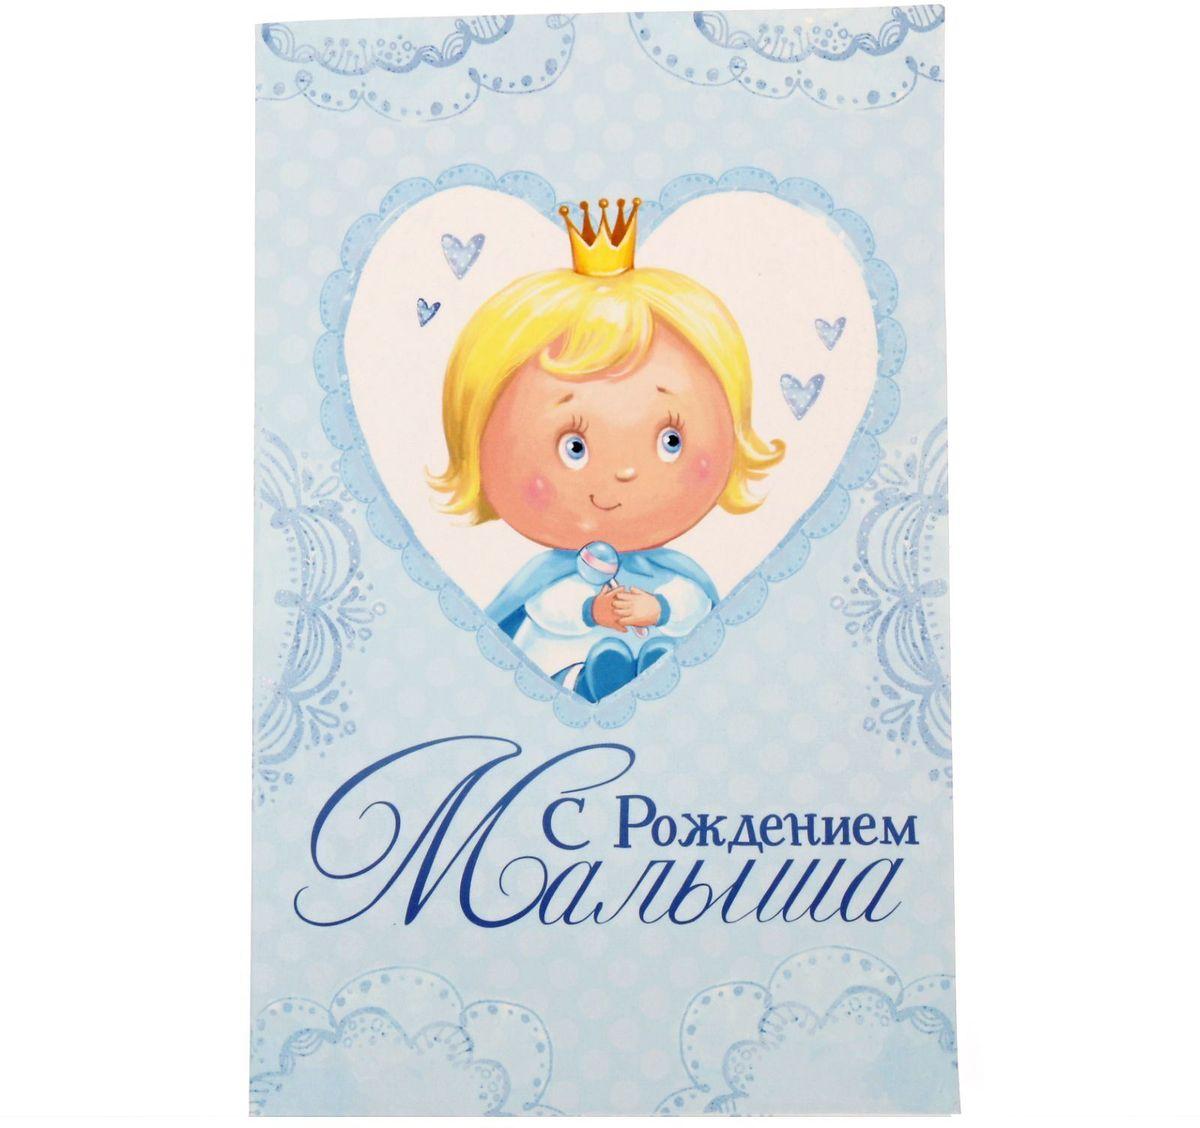 Открытка объемная Дарите cчастье С рождением малыша, 12 х 19 см1209043Хотите удивить своих близких необычным поздравлением? Объемная открытка вам в этом поможет. Внутри неё - волшебный мир детства и праздника. Рисованные персонажи будто оживают прямо на глазах!